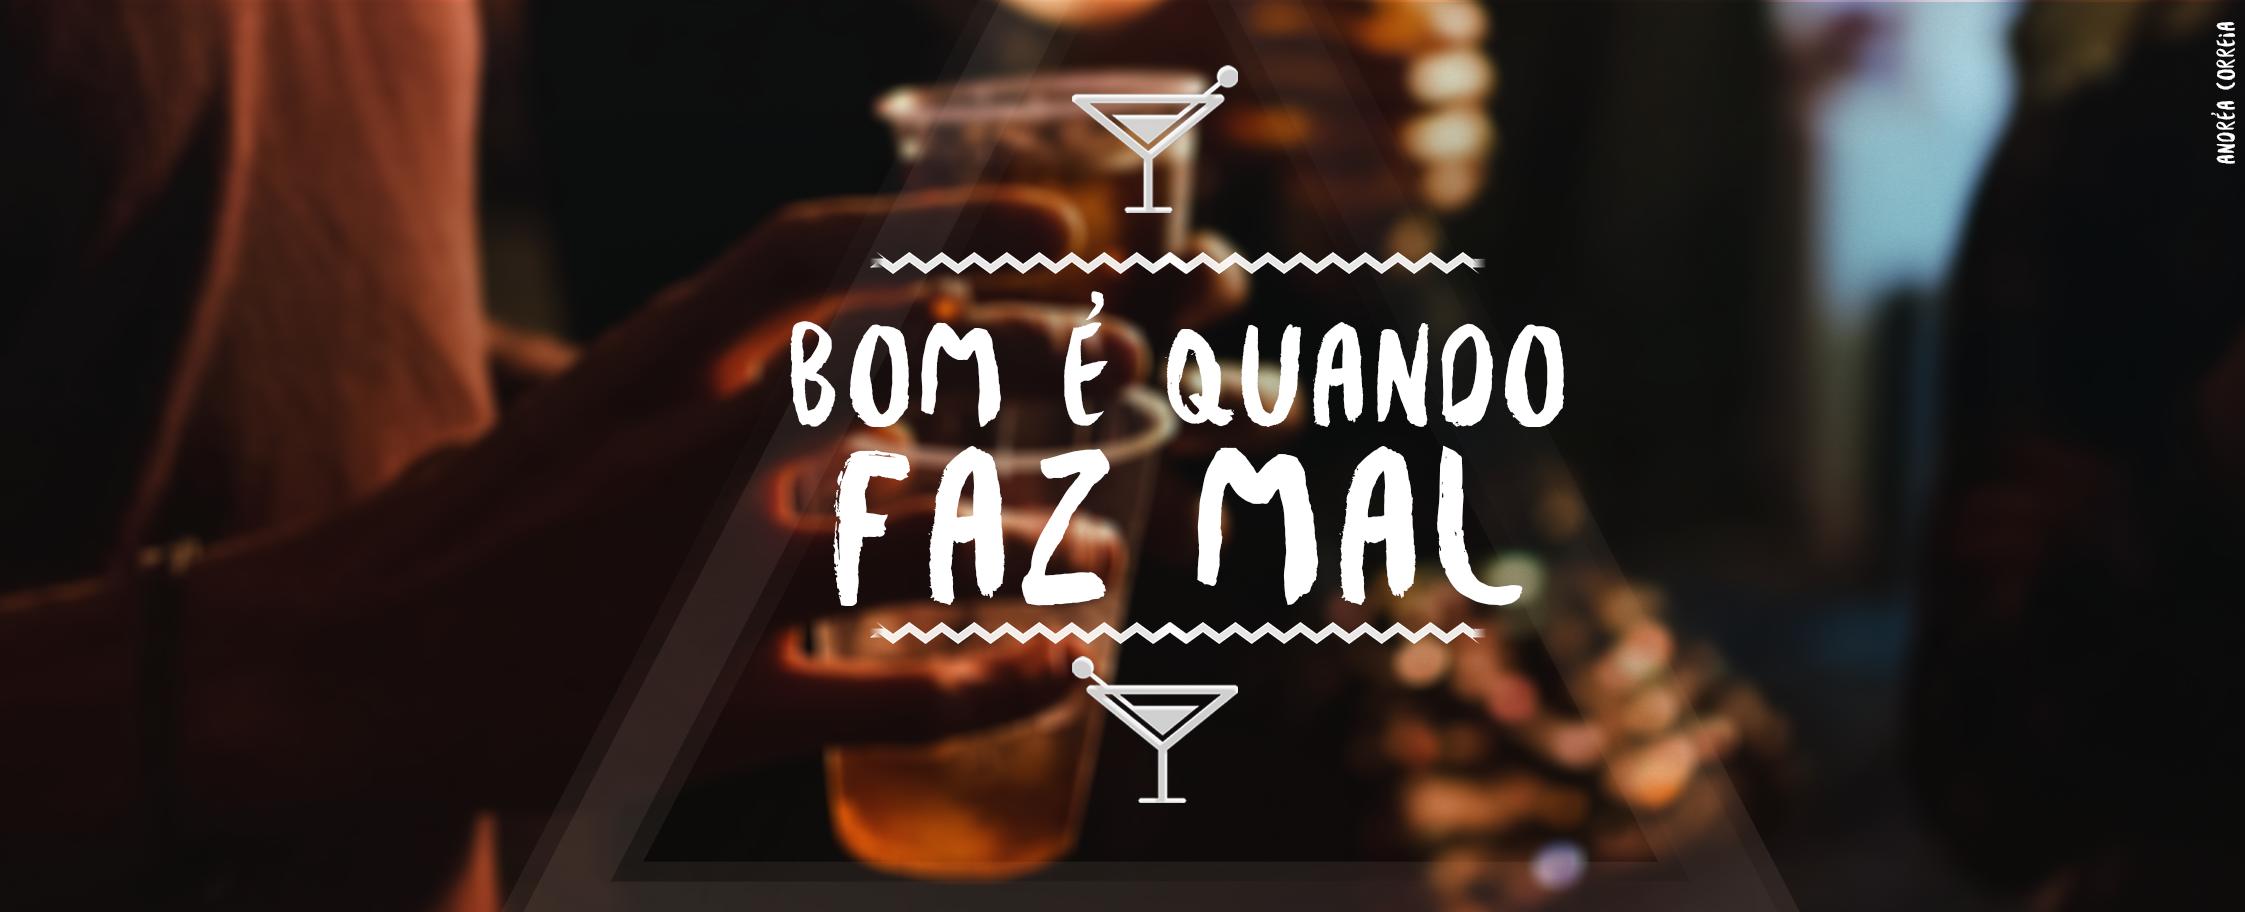 Art Hipster Covercase; Facebook Bom é quando faz mal - Matanza Font: Besom